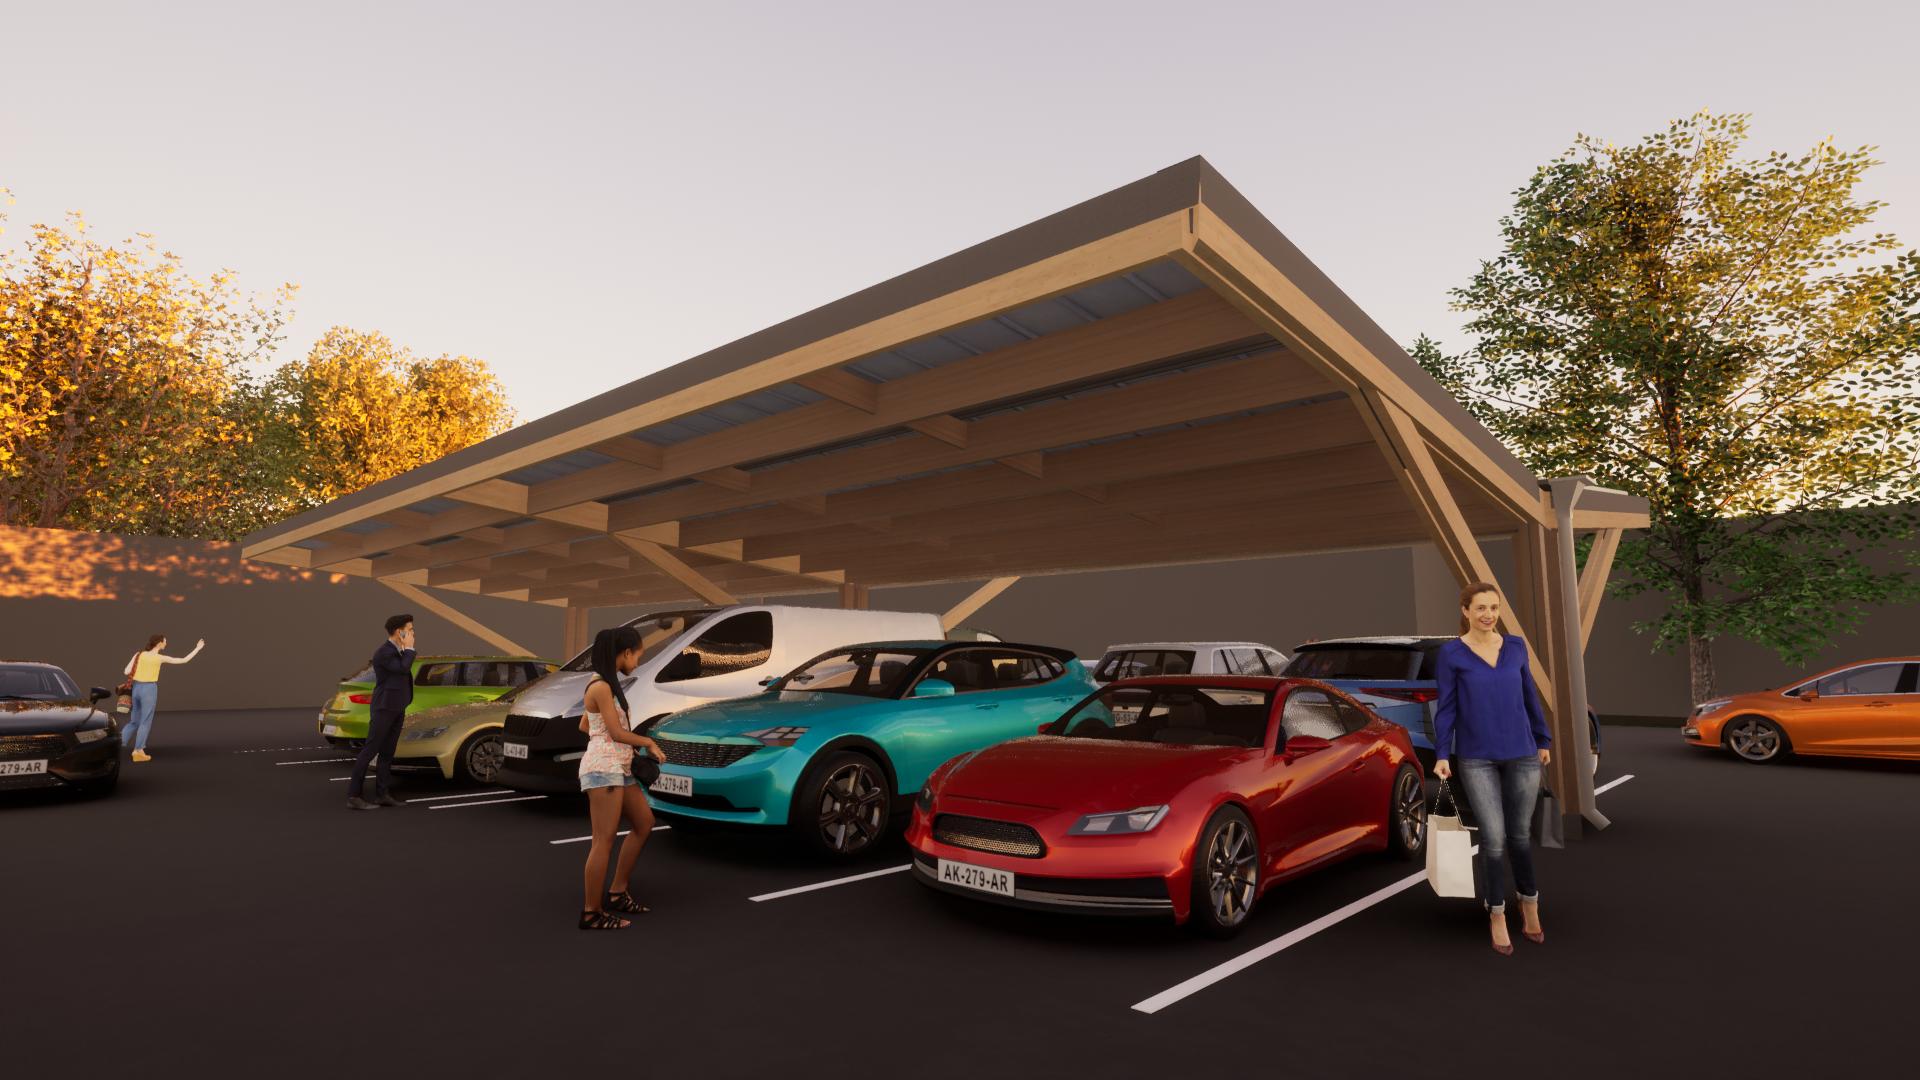 Timber carpark 9